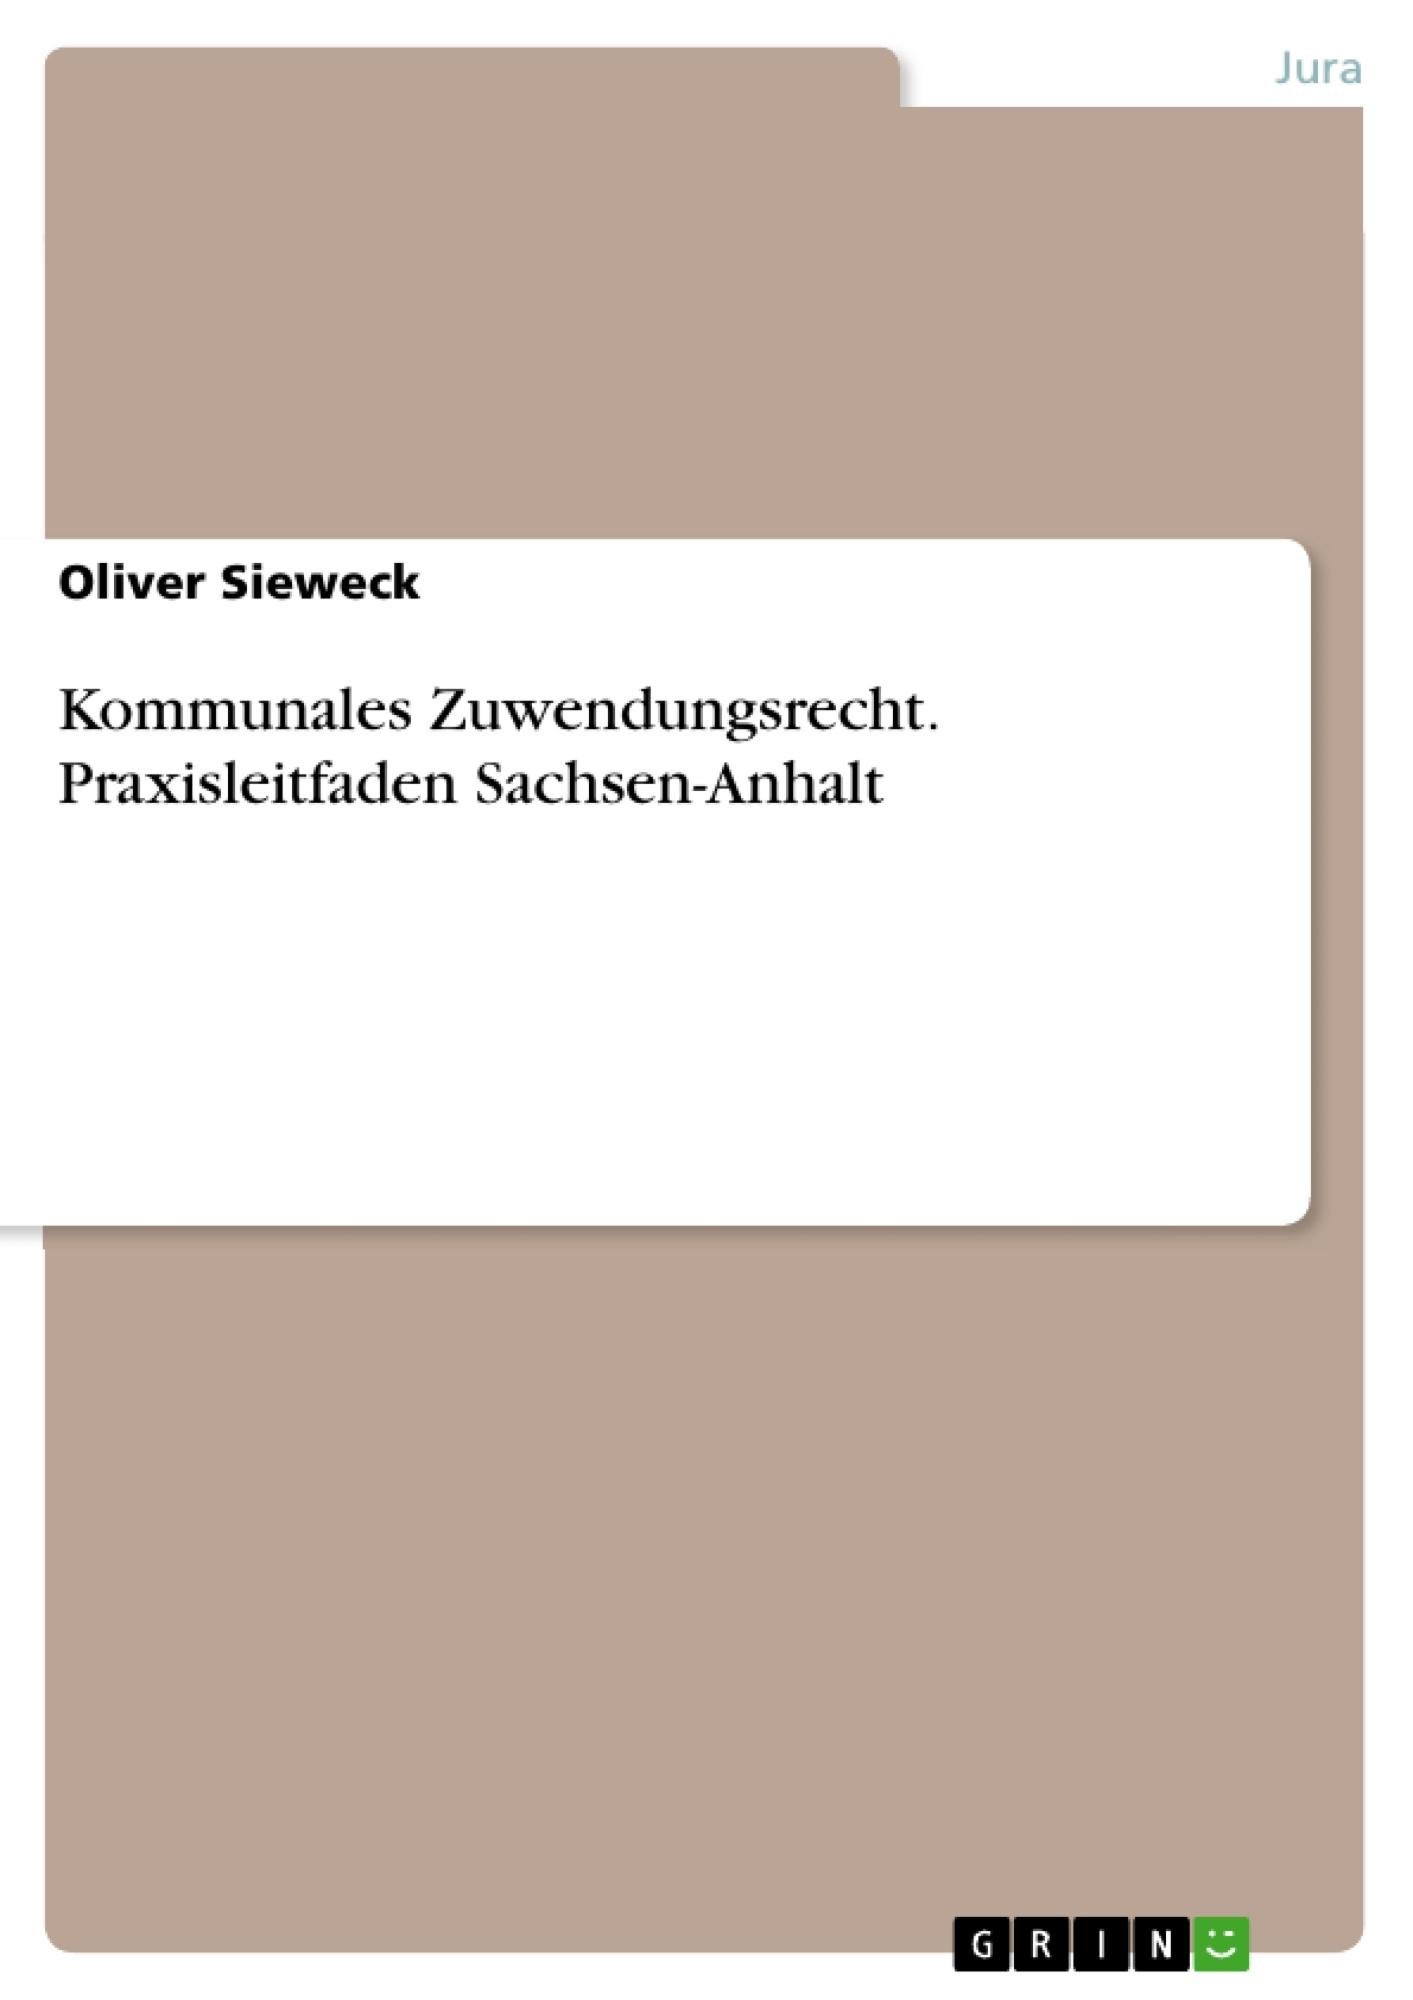 Titel: Kommunales Zuwendungsrecht. Praxisleitfaden Sachsen-Anhalt